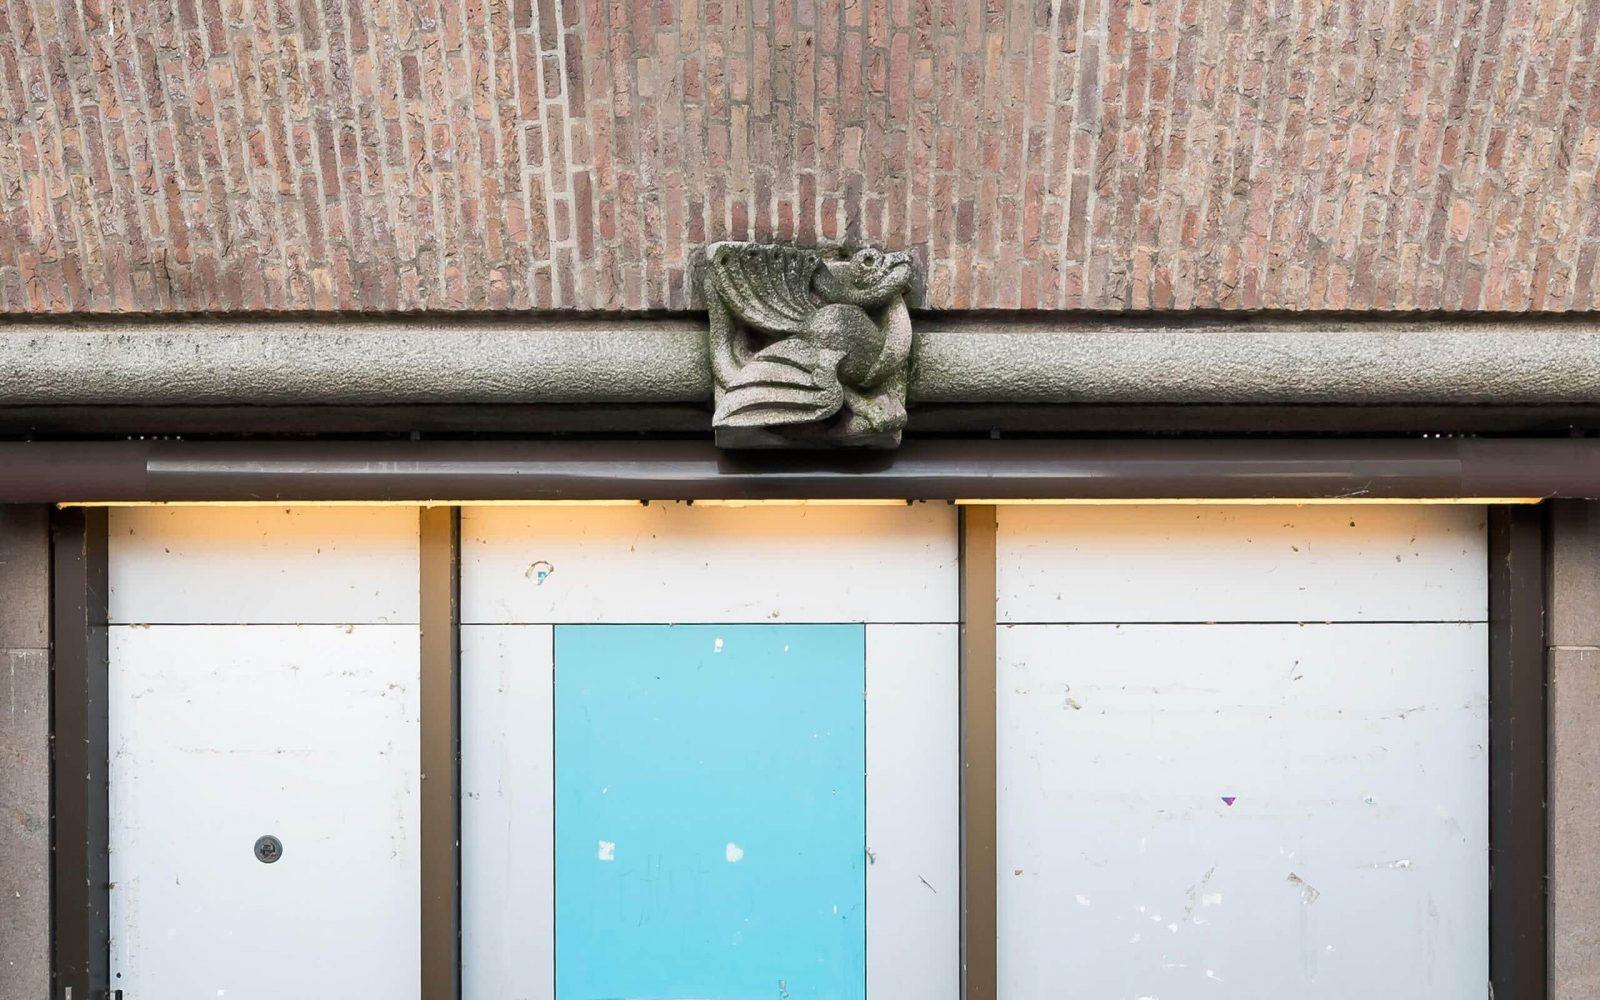 Rotterdamse Bank 2 1